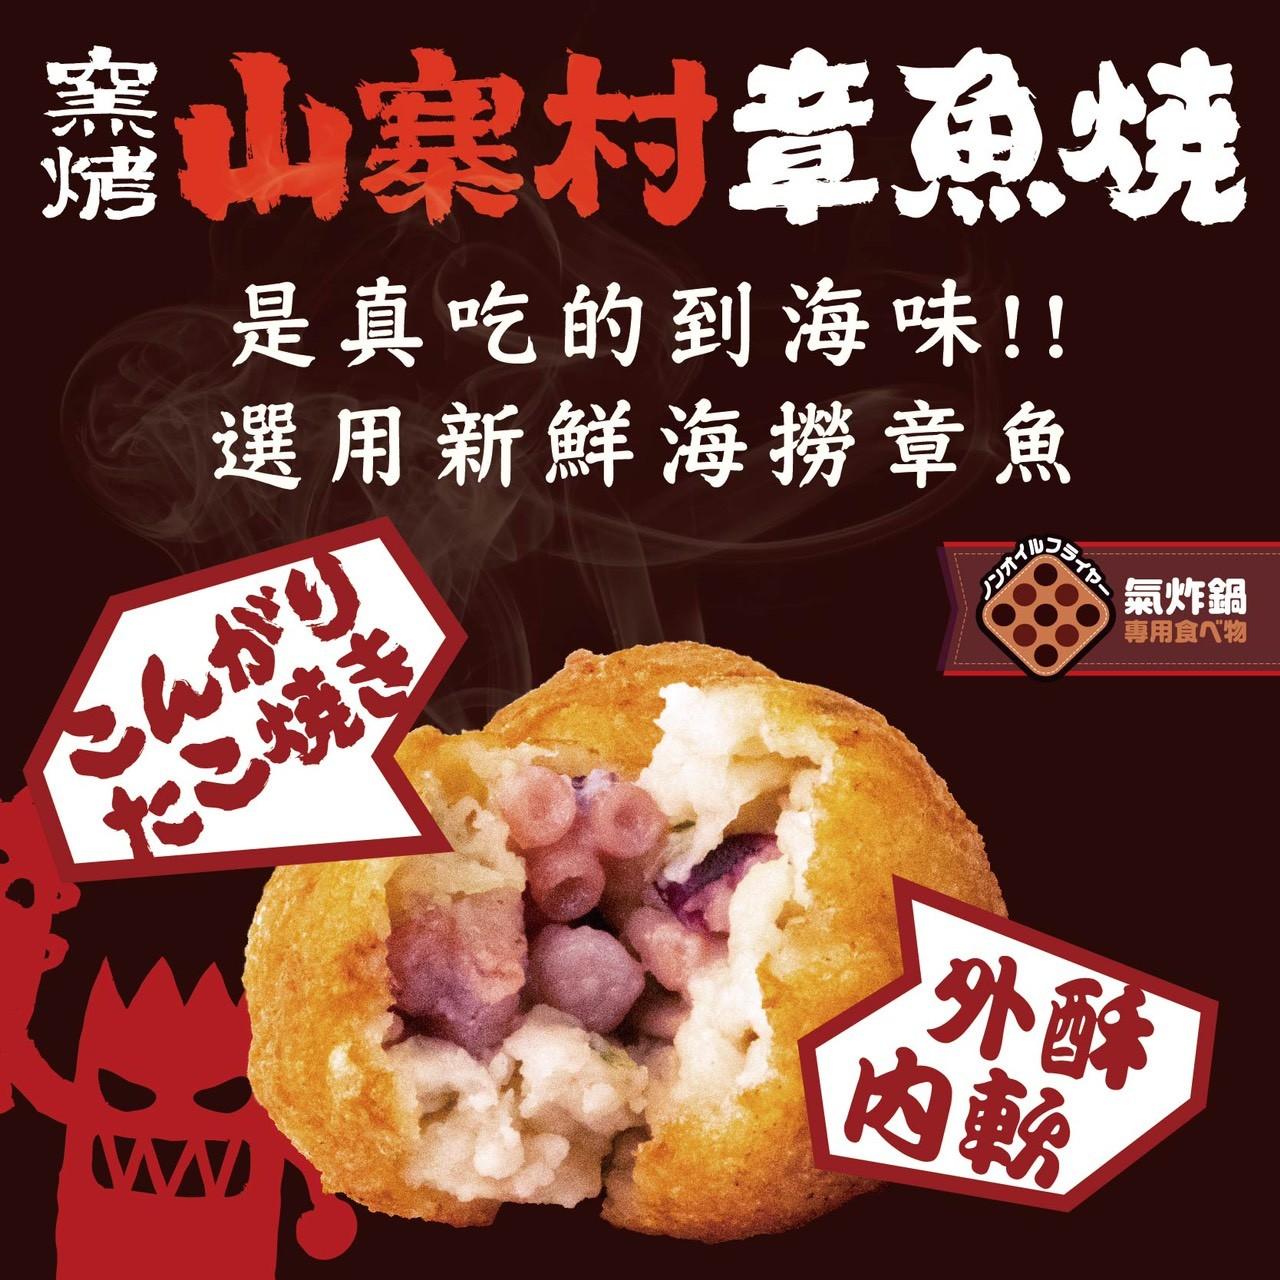 【窯烤山寨村】日式章魚燒(400g,約20顆)